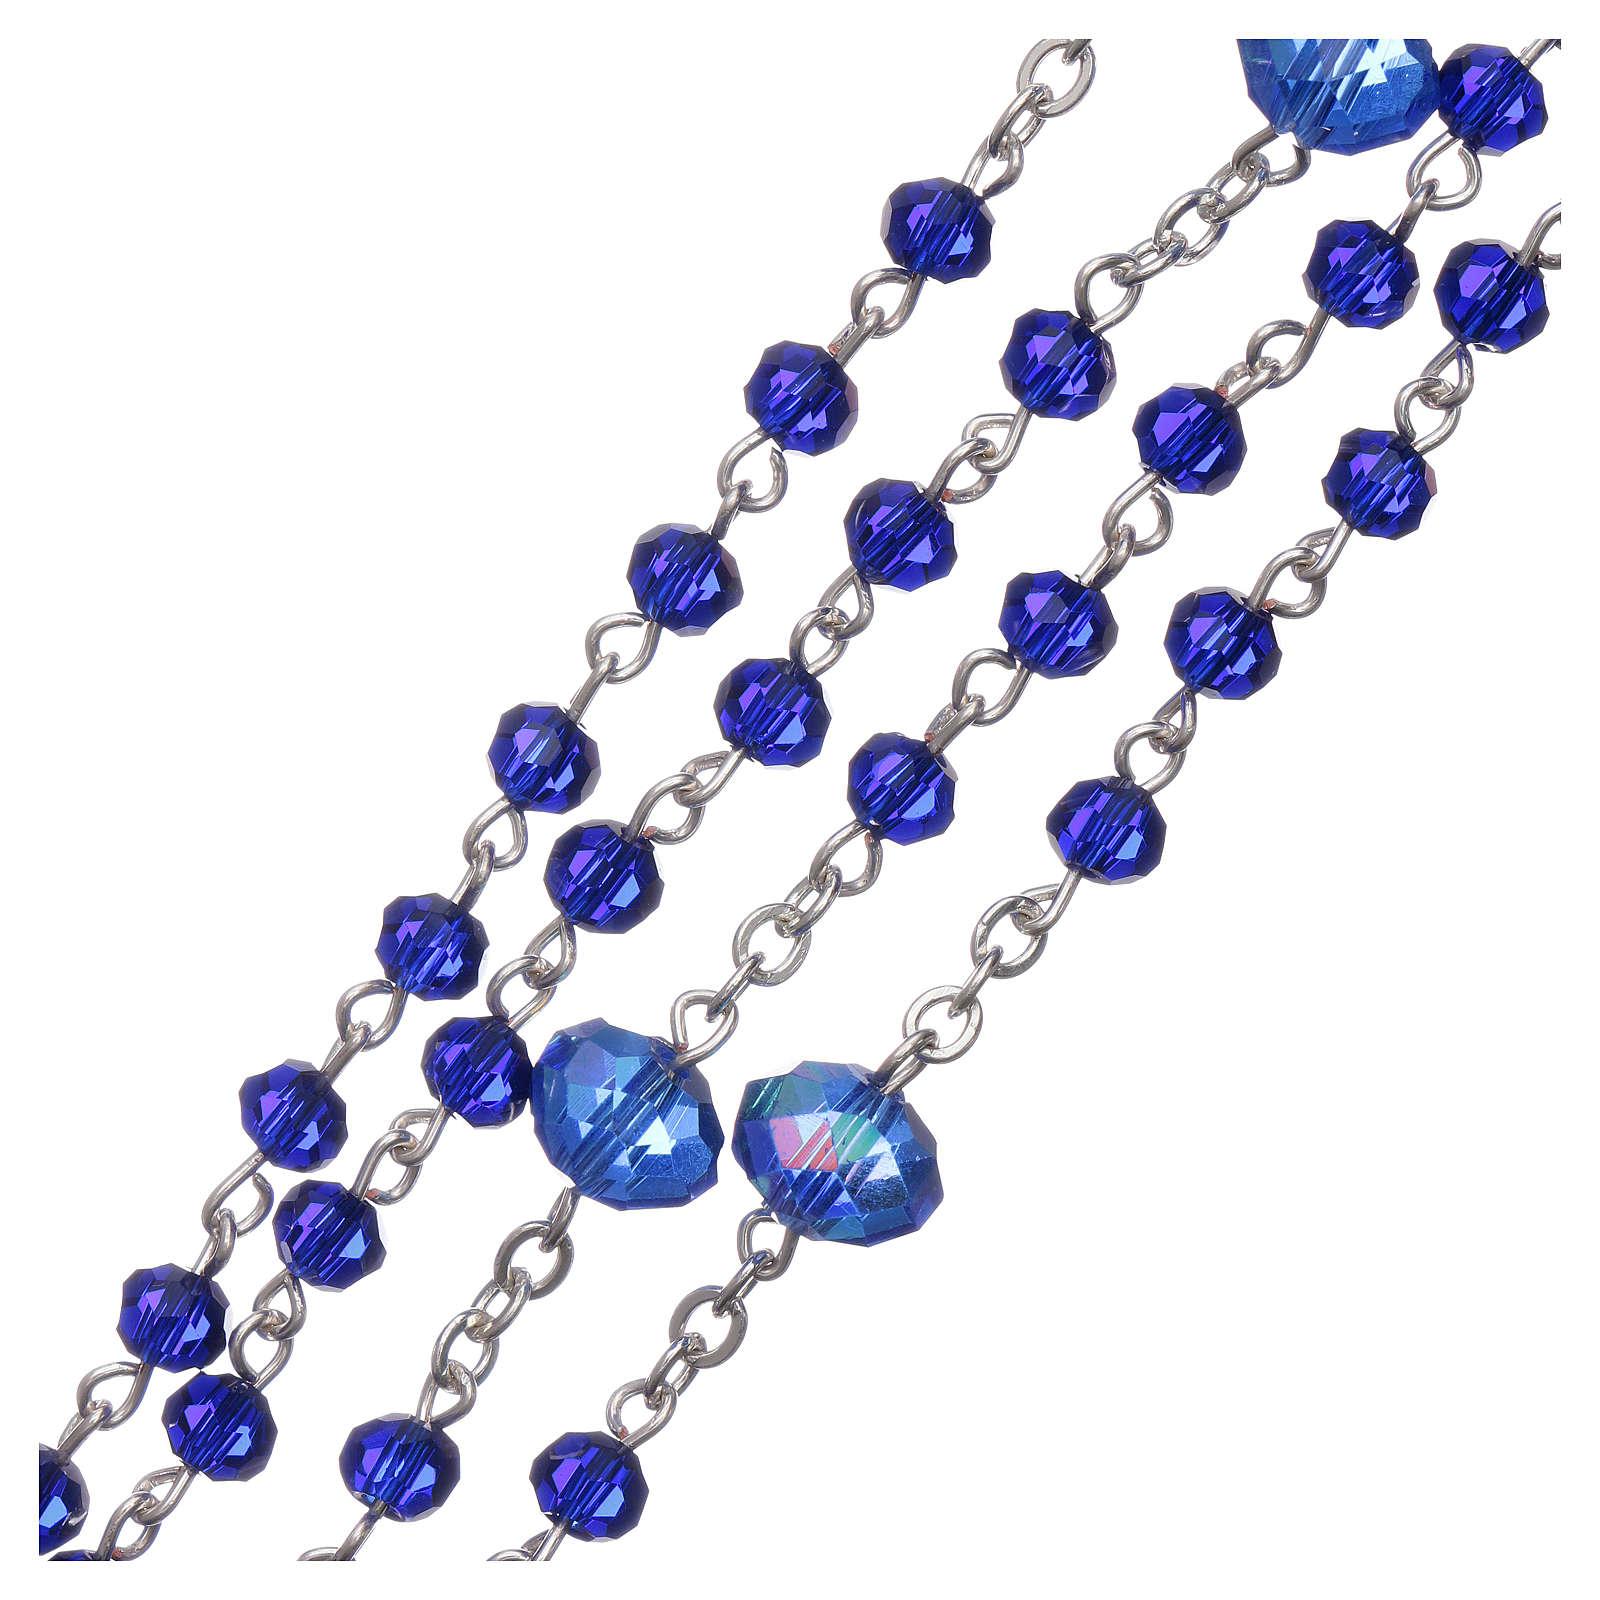 Rosenkranz aus Medjugorje, Perlen aus dunkelblauen Kristallen, 4 mm 4